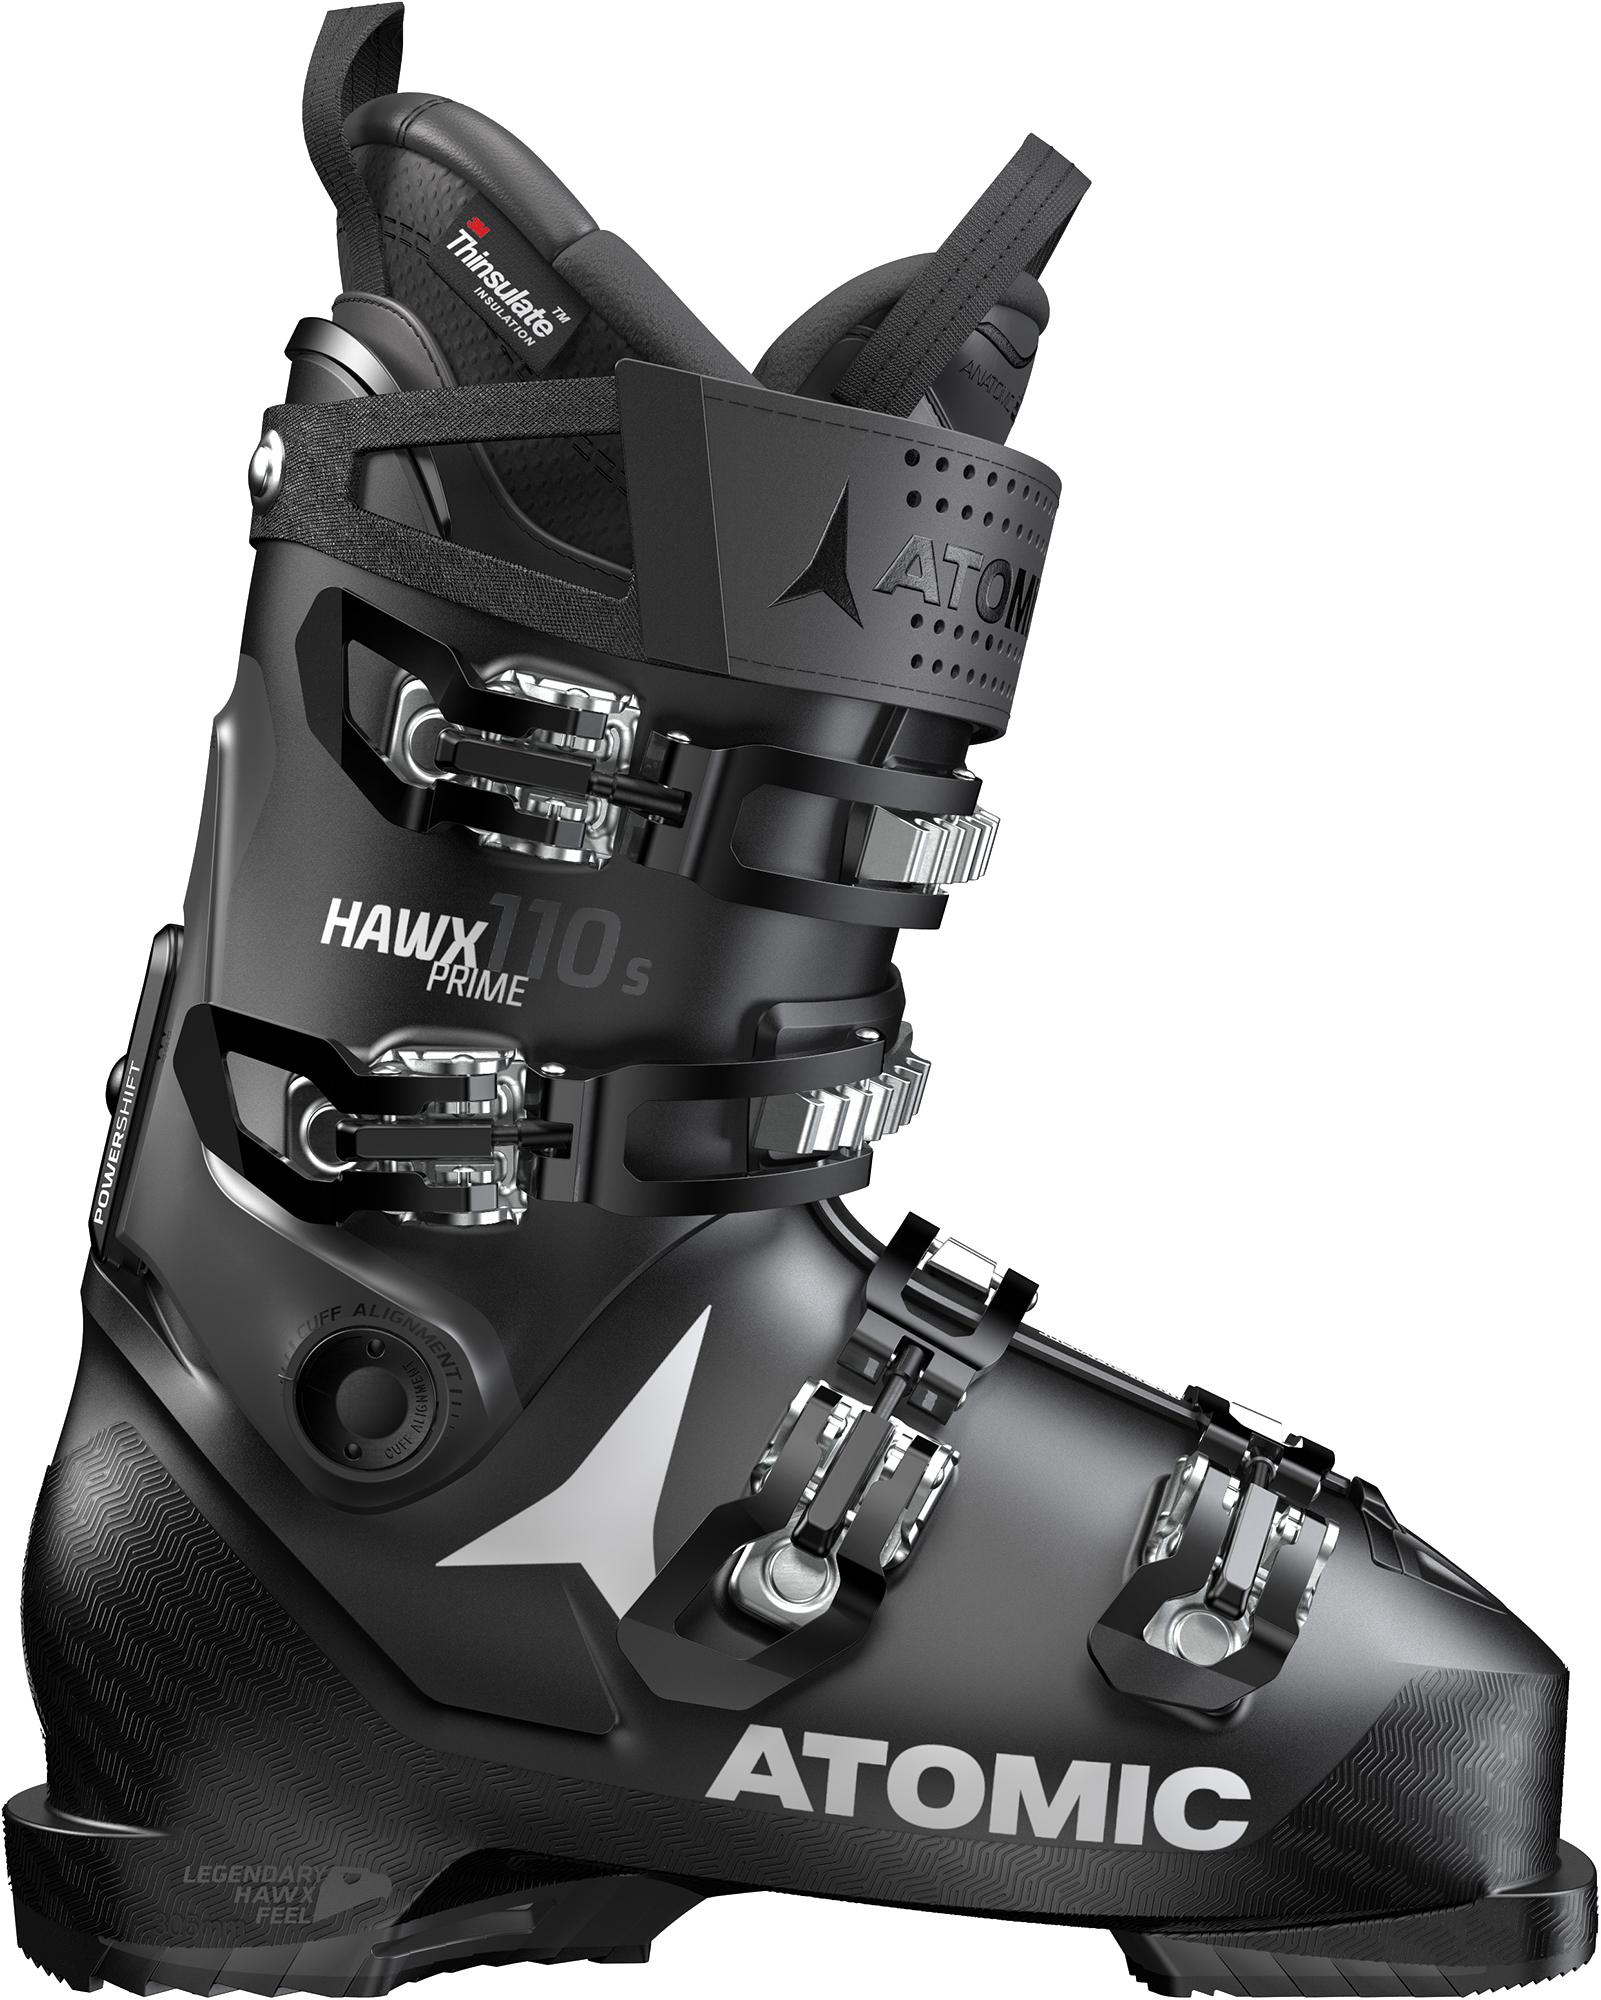 Atomic Ботинки горнолыжные HAWX PRIME 110 S, размер 32 см